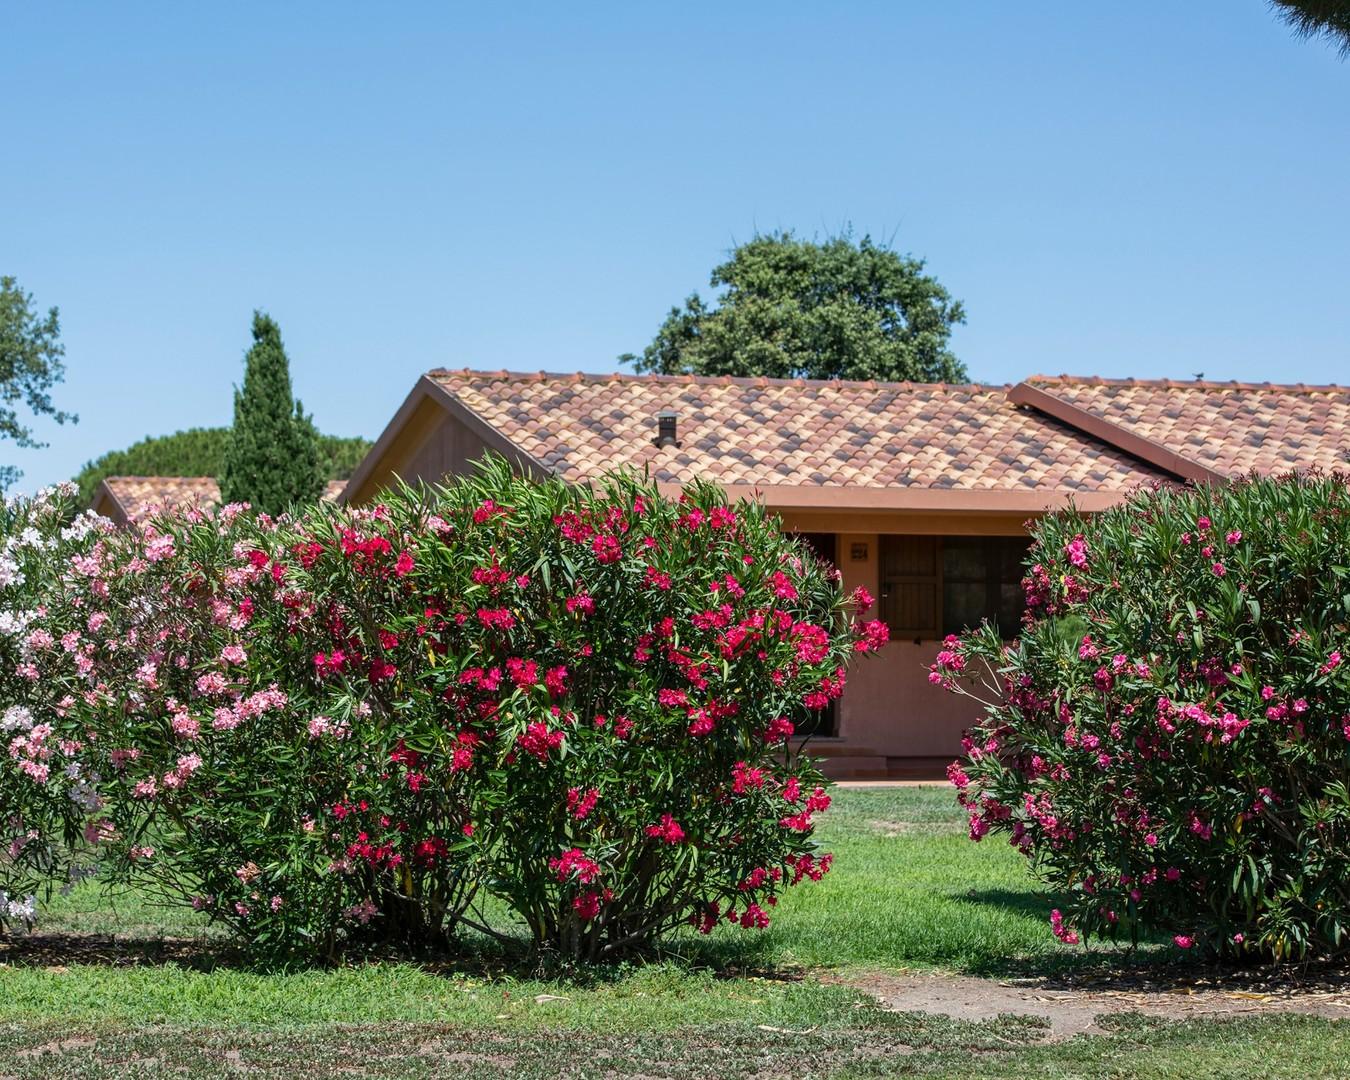 Villaggio California Camping Village #3